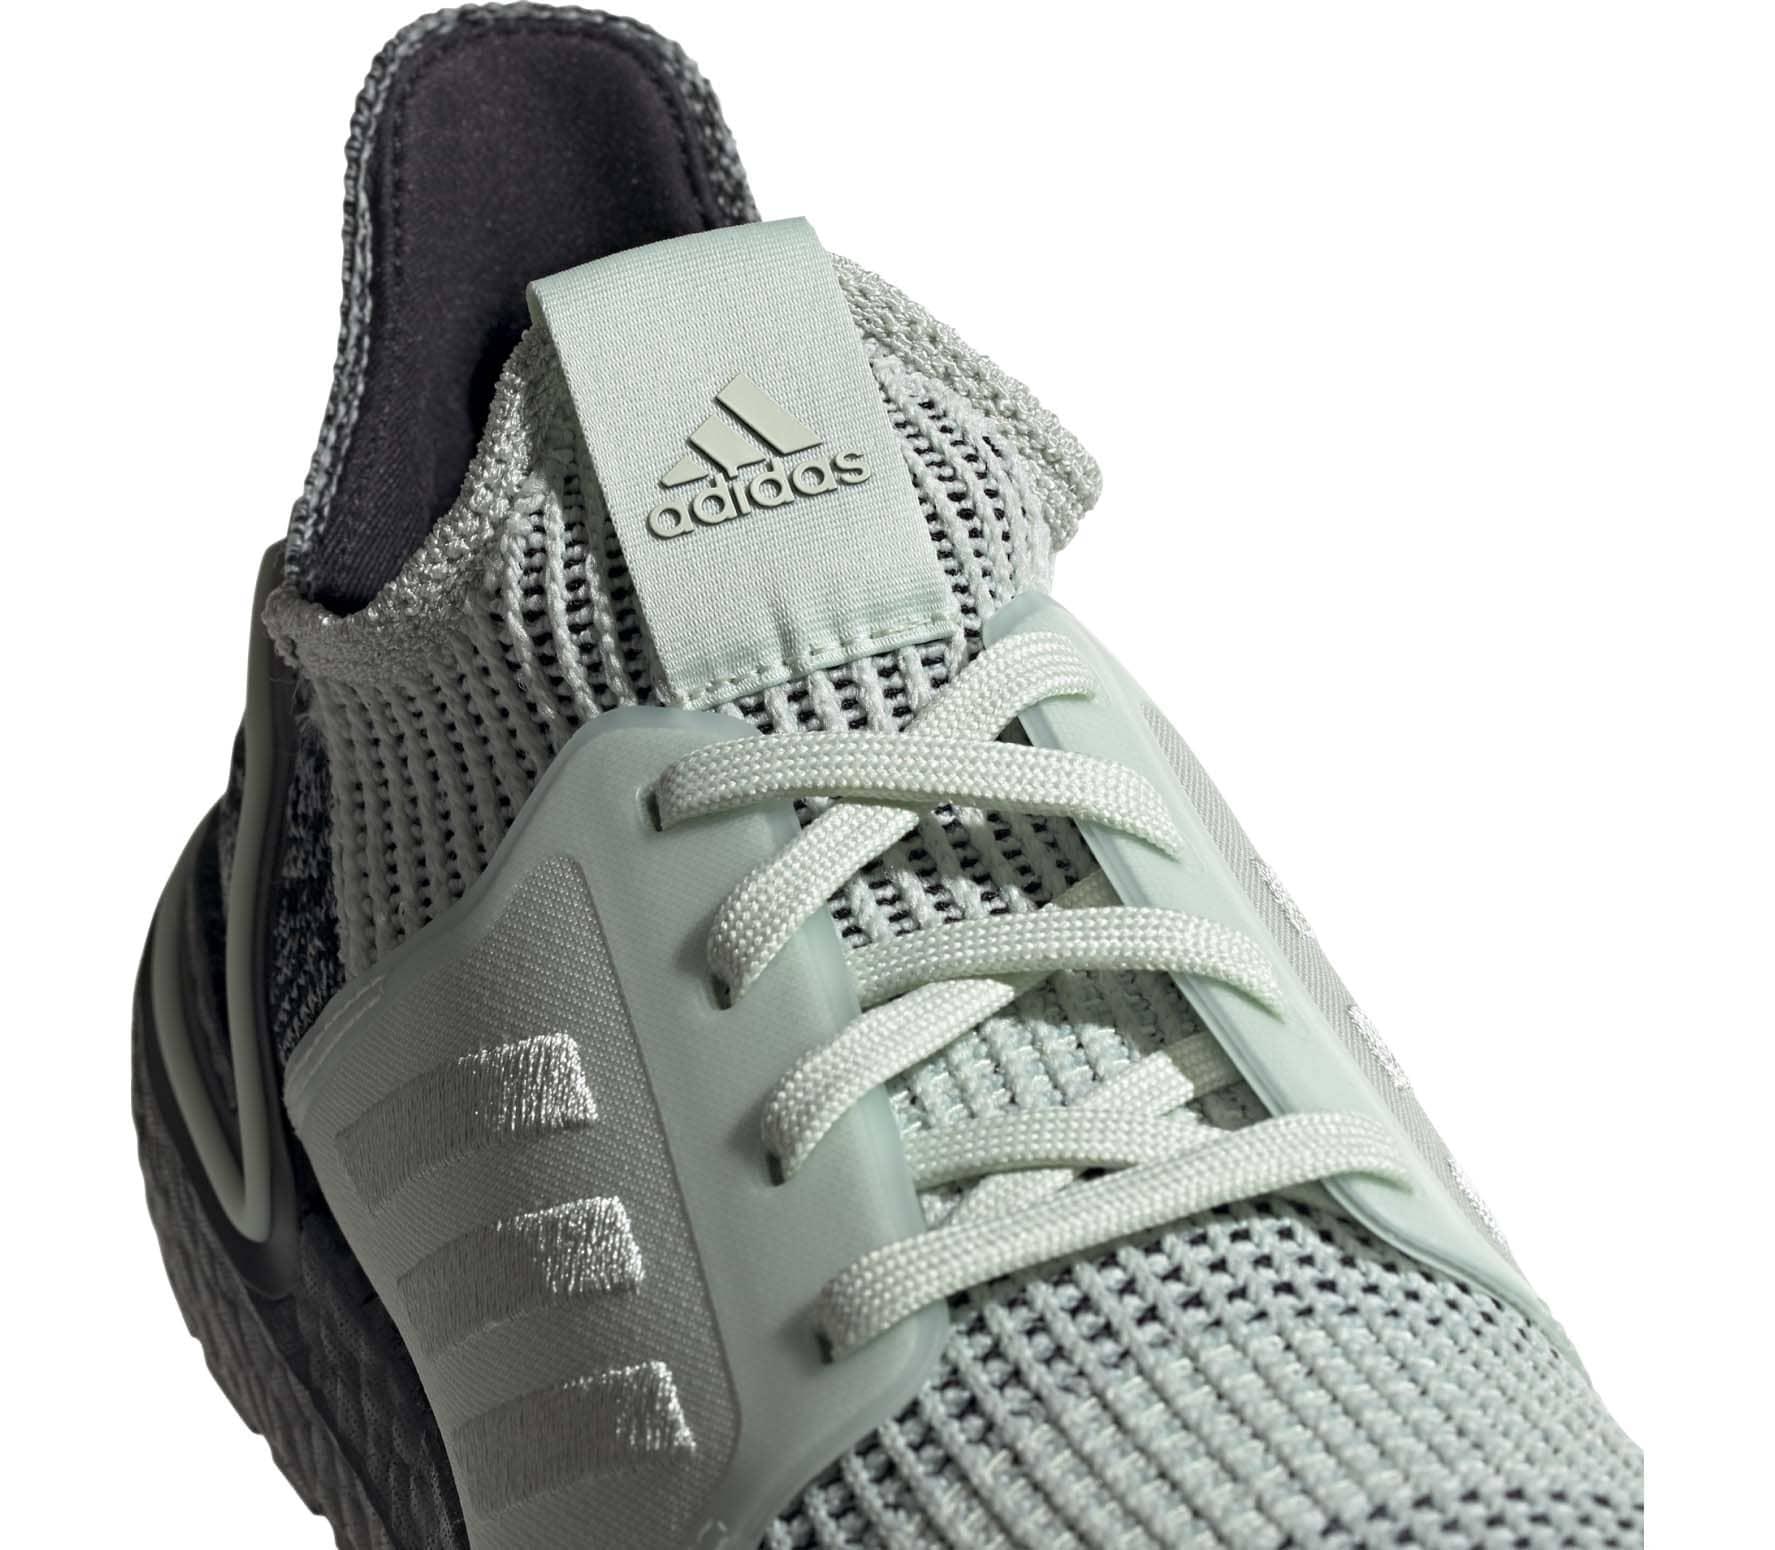 ebc3c9da8c Adidas adidas Ultraboost 19 Herren Sneaker grau online kaufen | Keller x